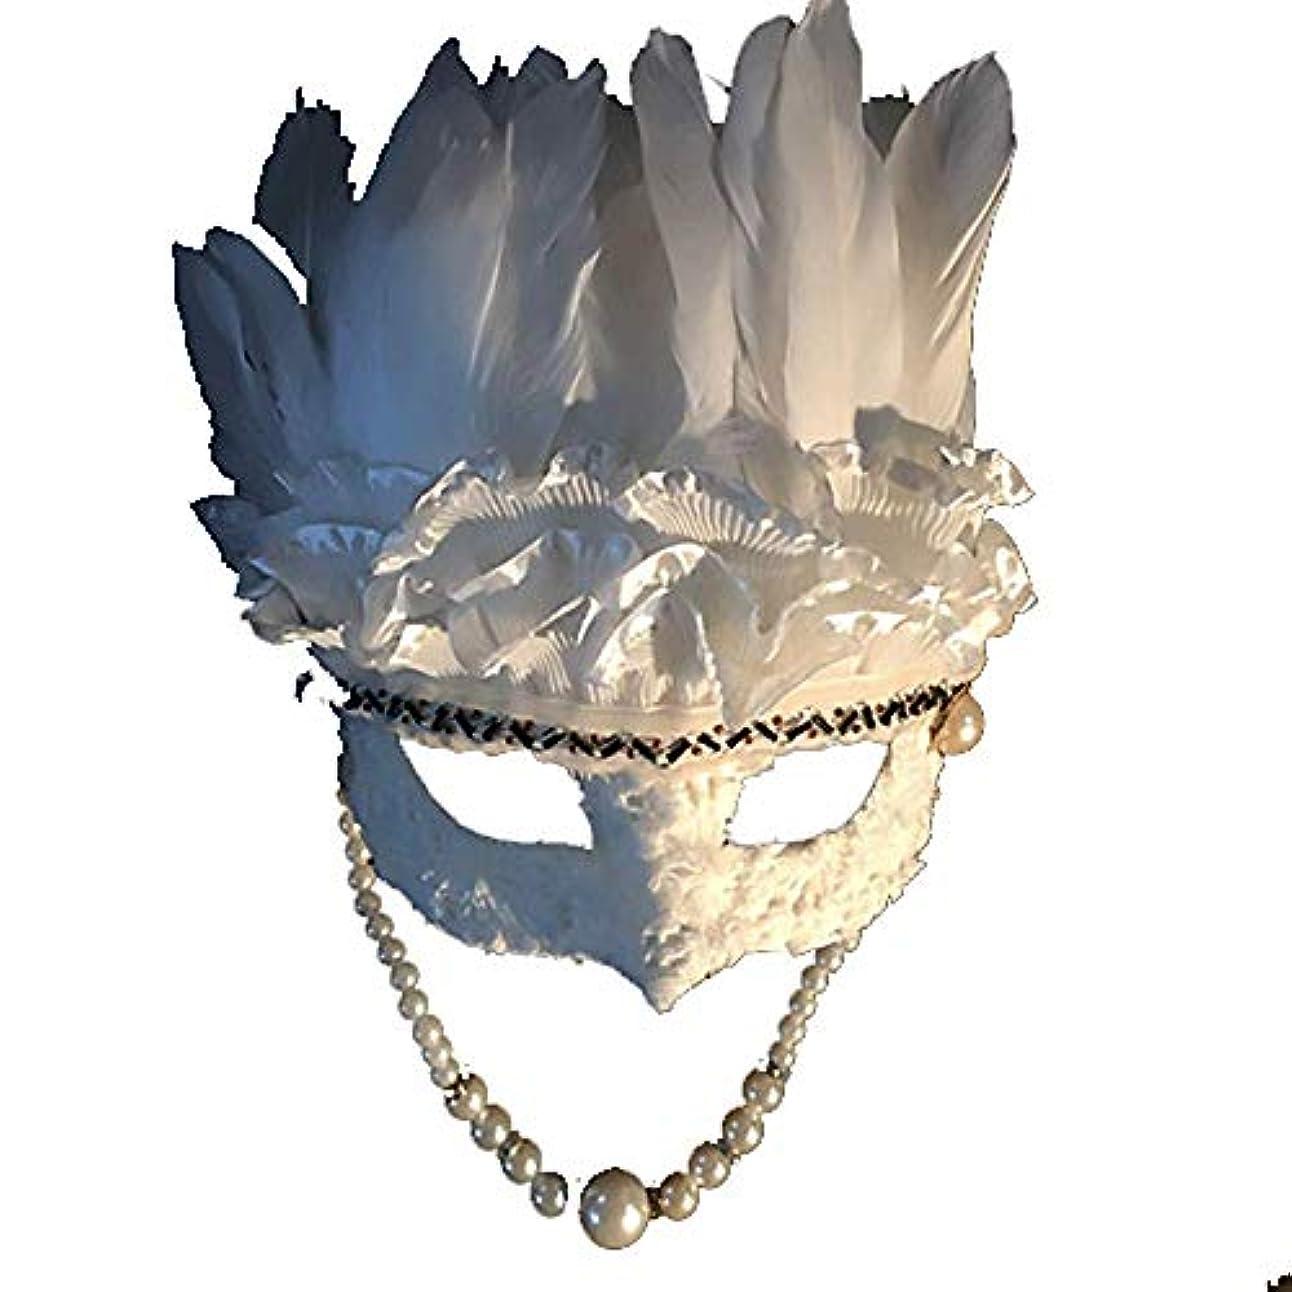 言語商標勝者Nanle ハロウィンクリスマスフェザースパンコール刺繍ビーズマスク仮装マスクレディミスプリンセス美容祭パーティーデコレーションマスク